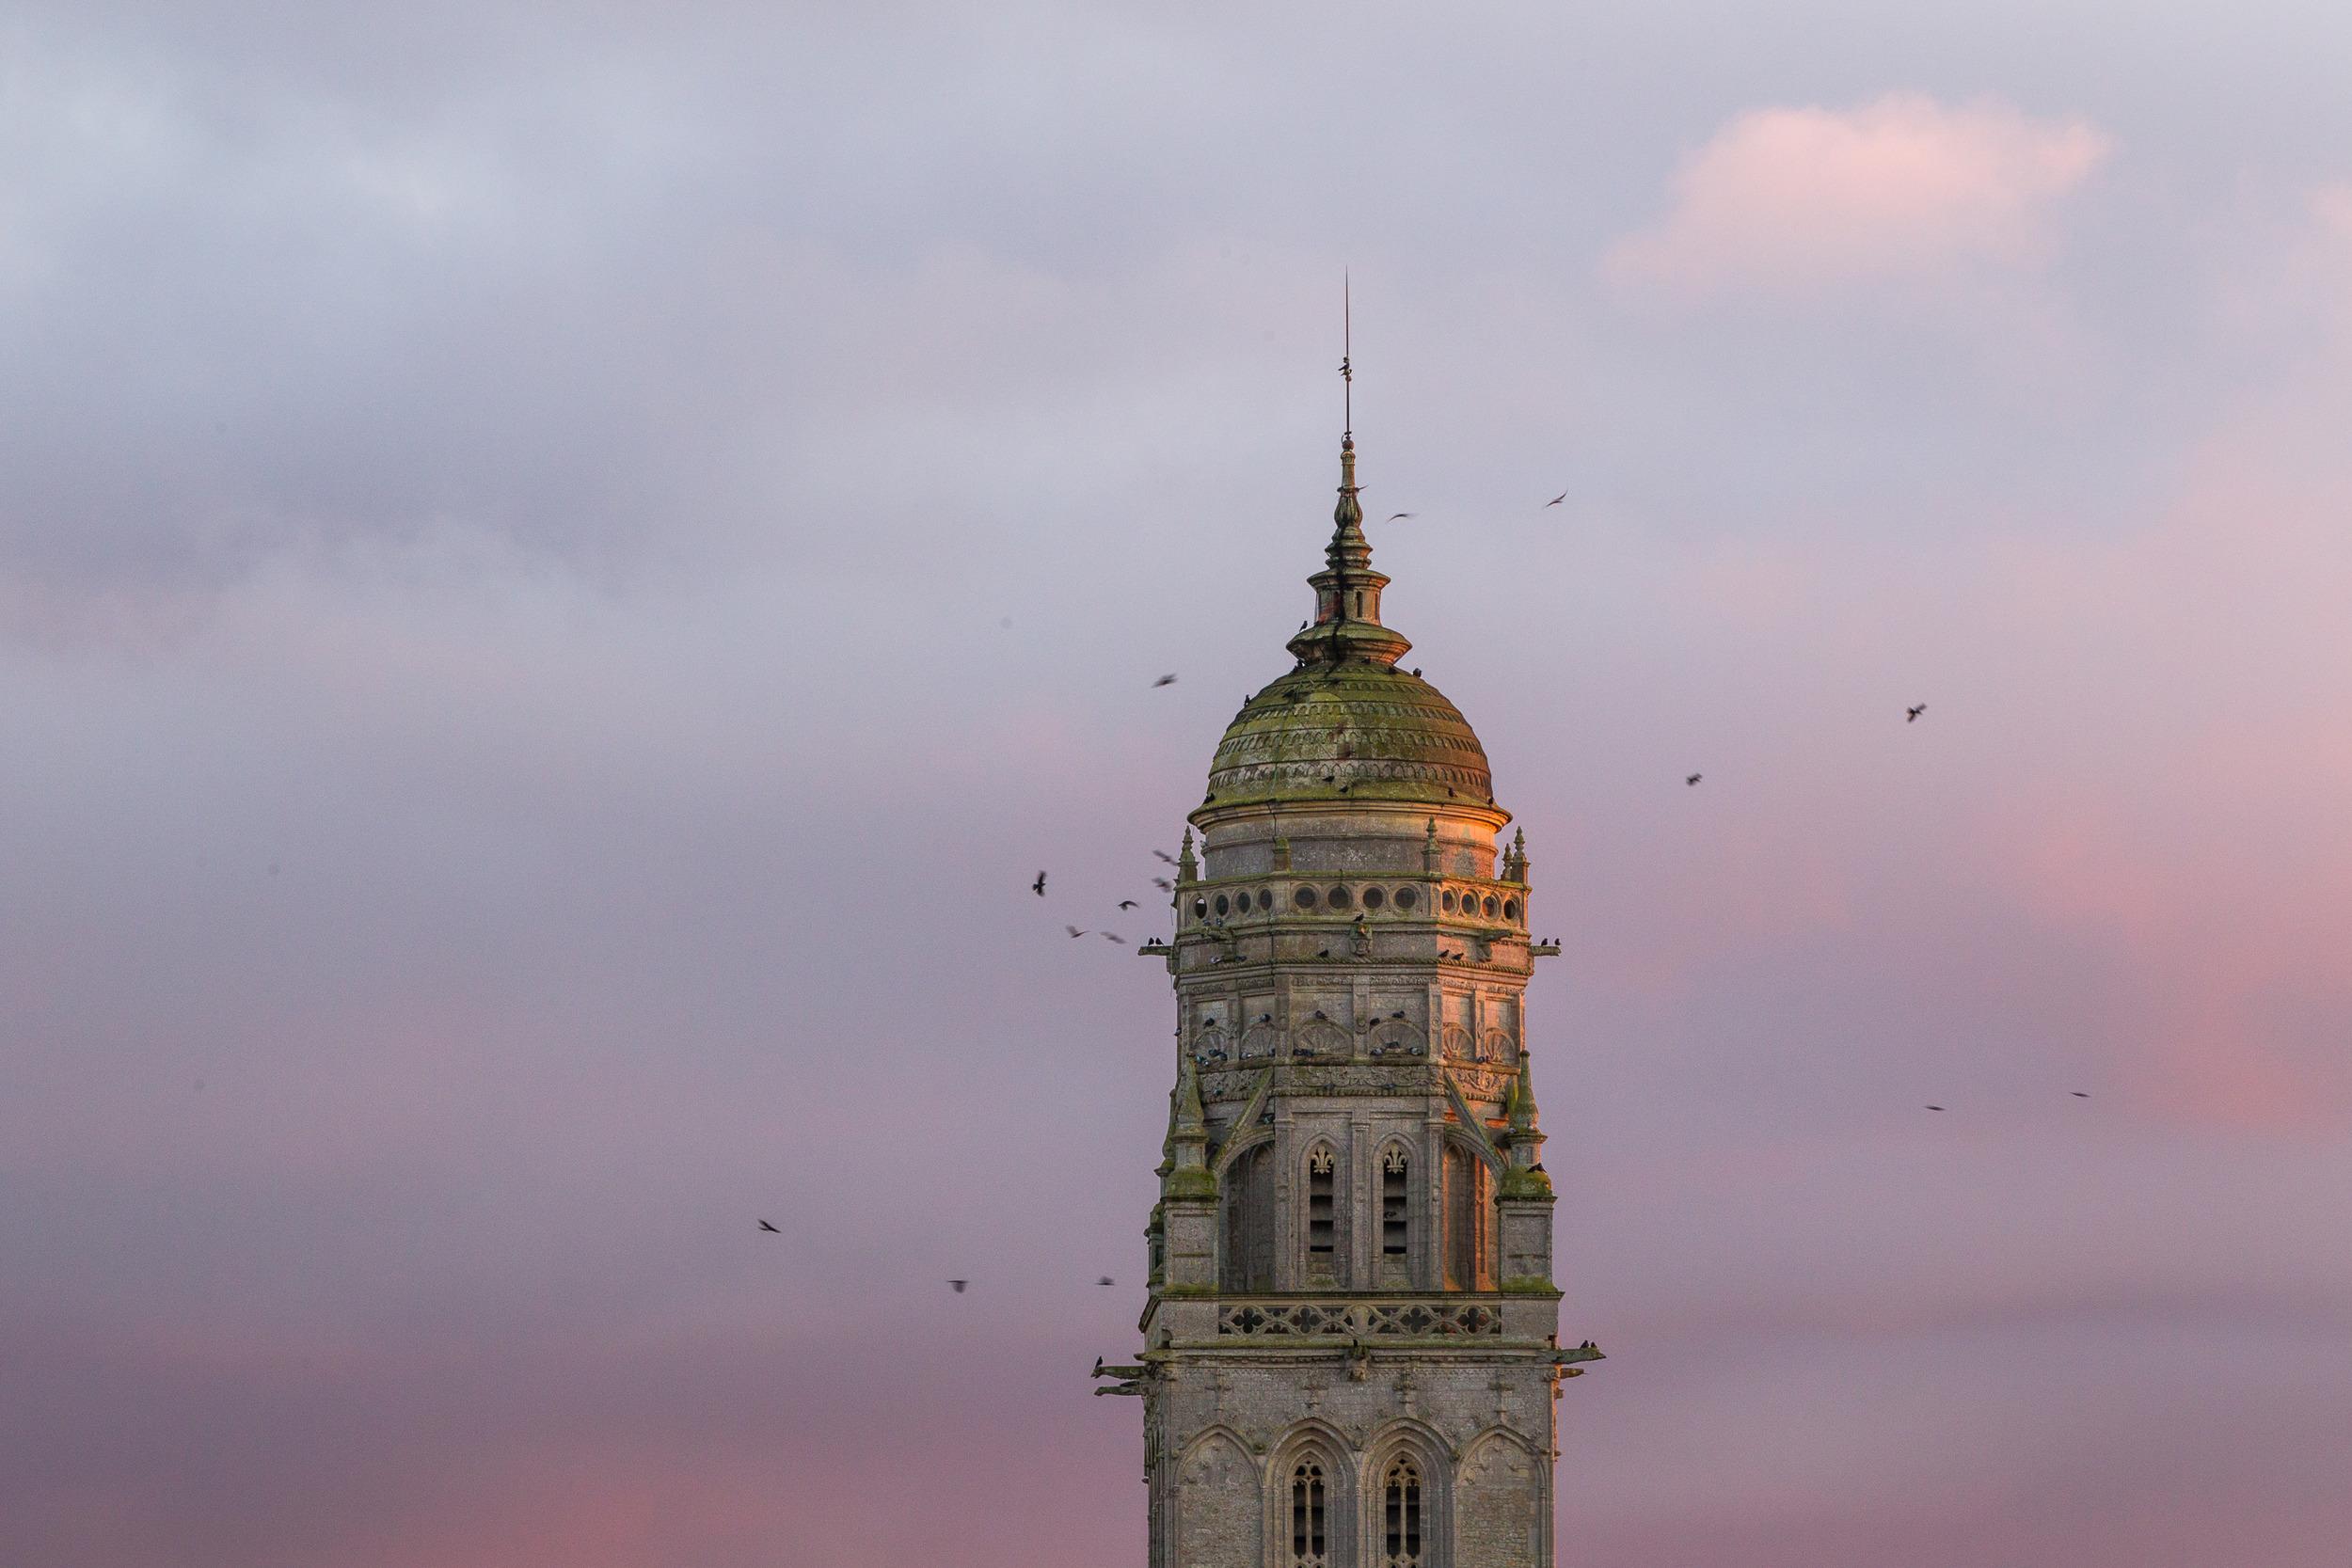 Choucas des tours et le clocher - Normandie sauvage